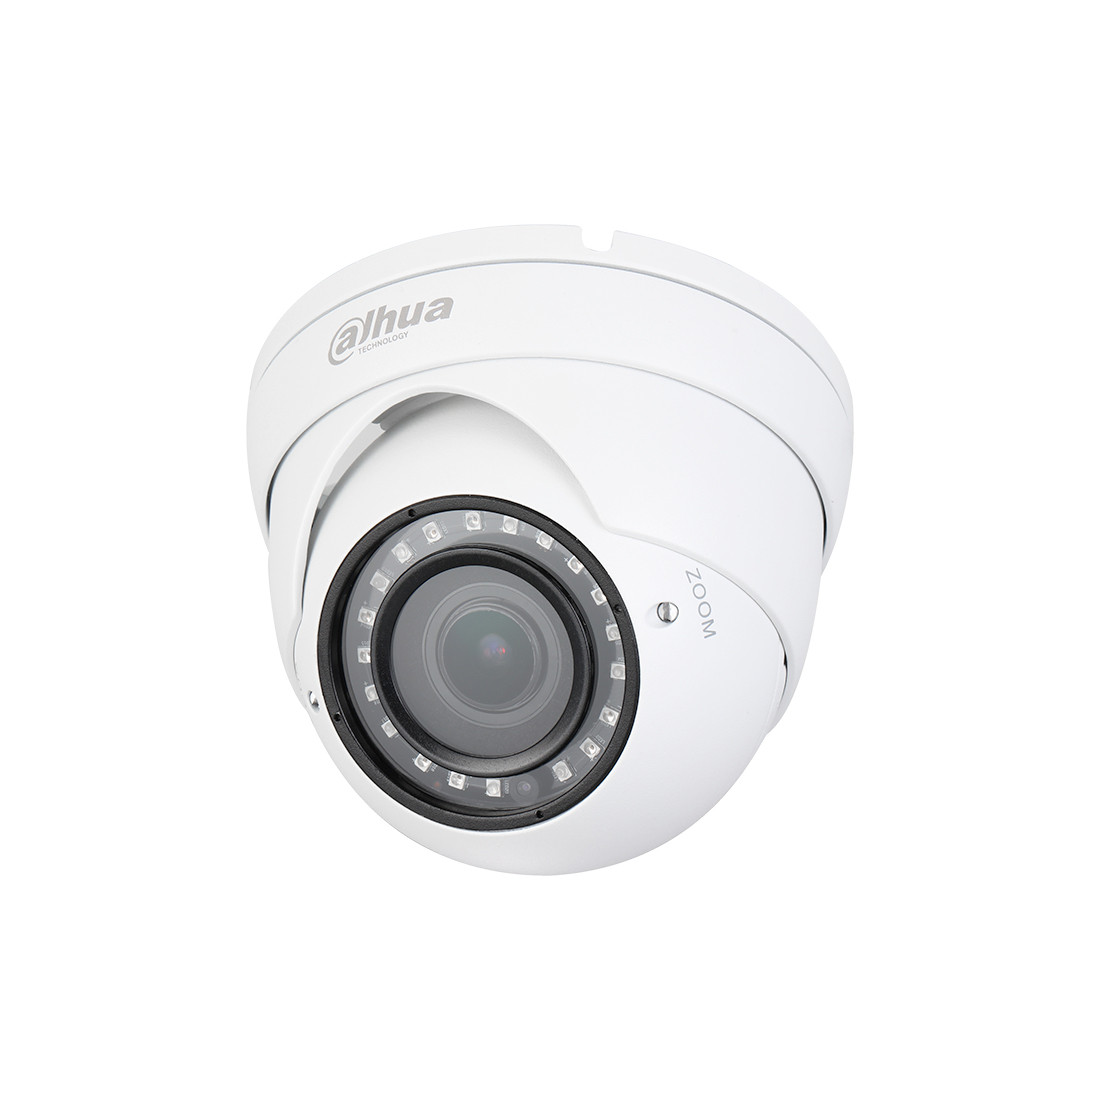 Купольная HDCVI камера Dahua DH-HAC-HDW1220RP-VF-27135